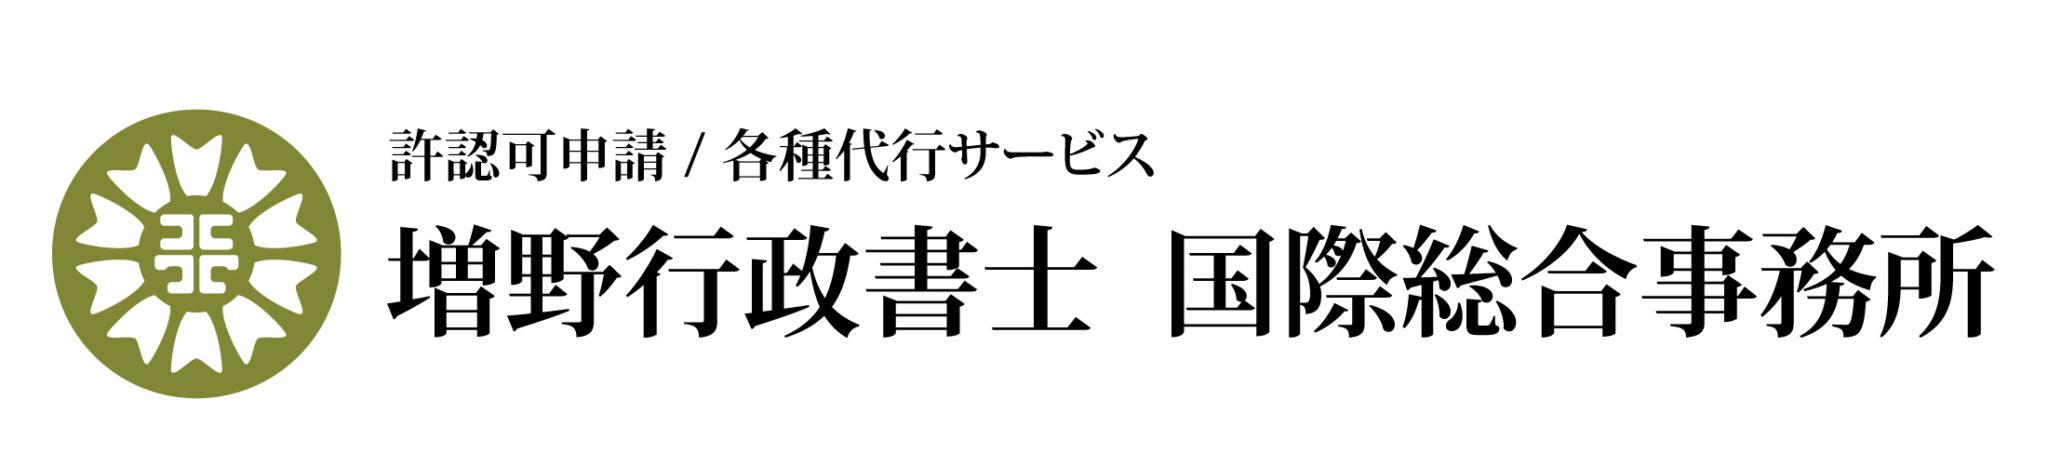 増野行政書士国際総合事務所~茨城県龍ケ崎市